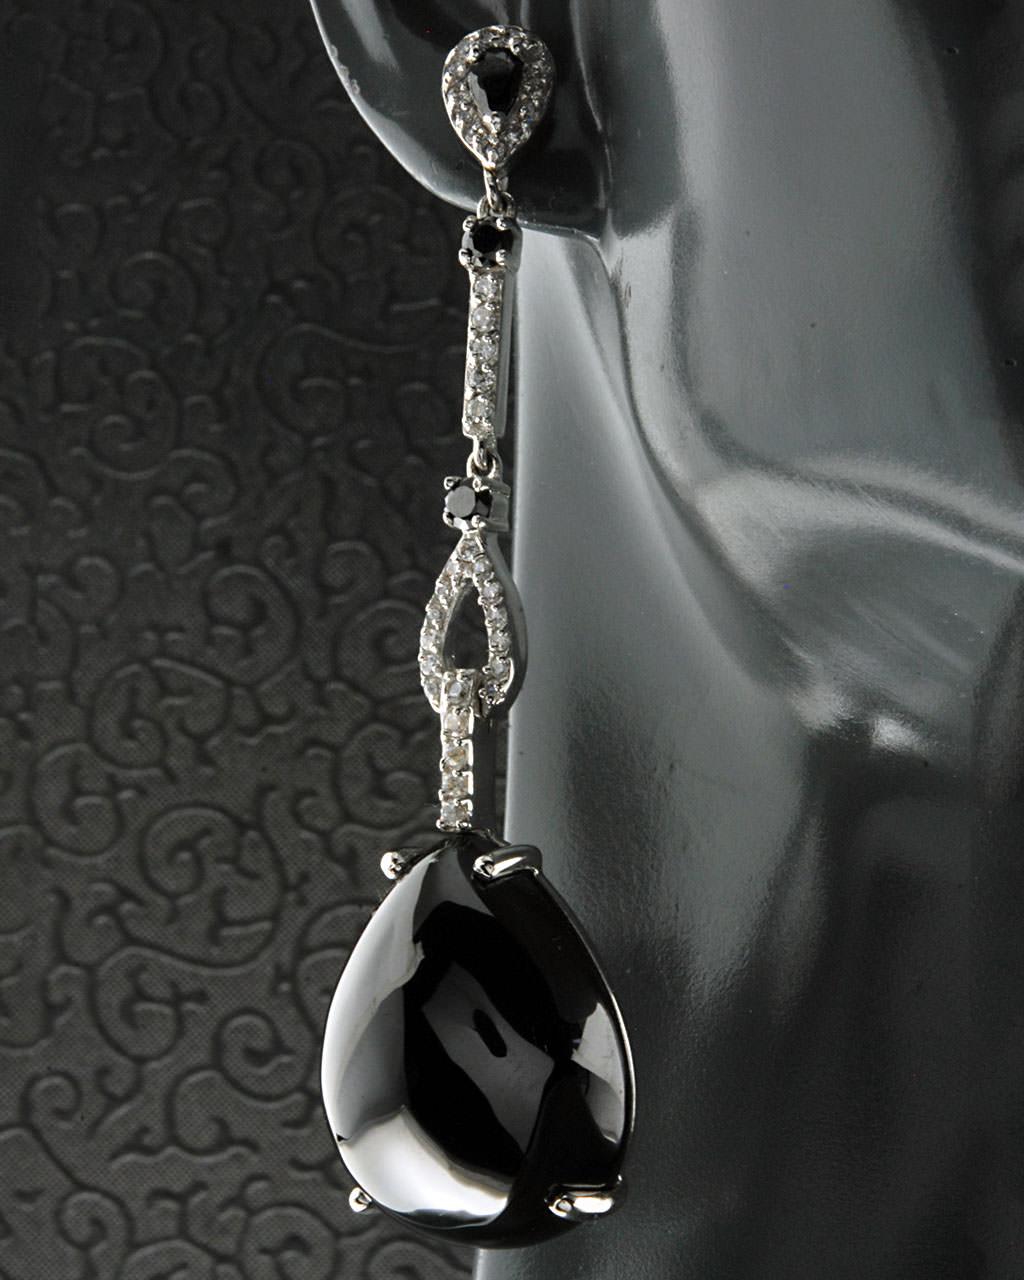 Σκουλαρίκια από ασήμι 925 με Αιματίτη και Ζιργκόν   γυναικα σκουλαρίκια σκουλαρίκια ημιπολύτιμοι λίθοι